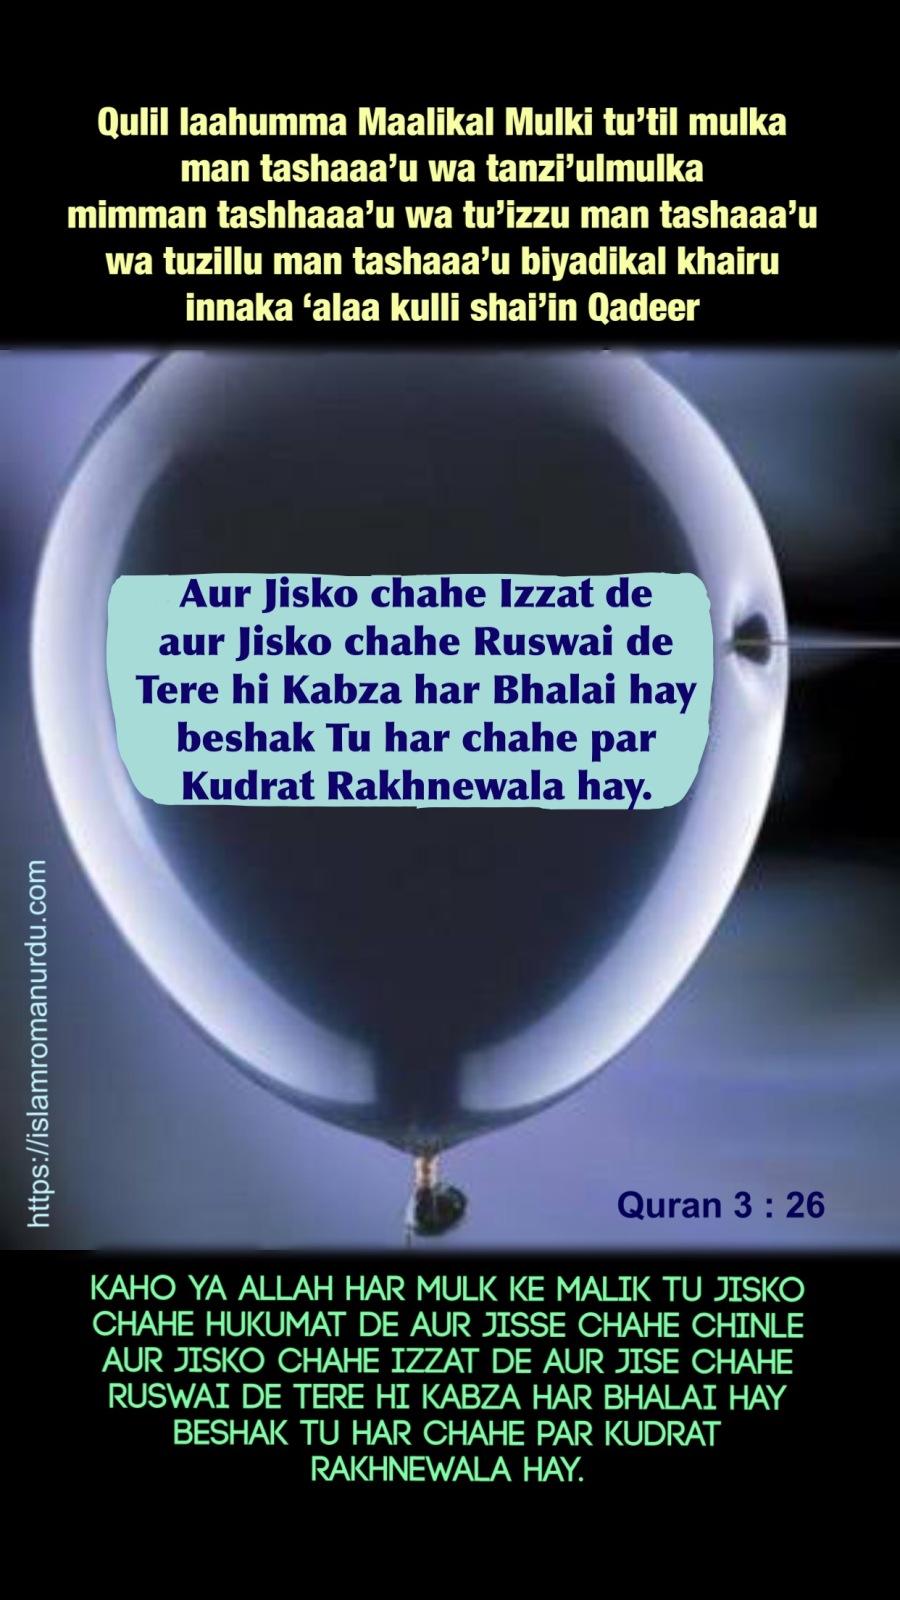 Quran Roman Urdu: 3  Surah 'Āli `Imrān: Aayat 26-27  Wa tu izzu man